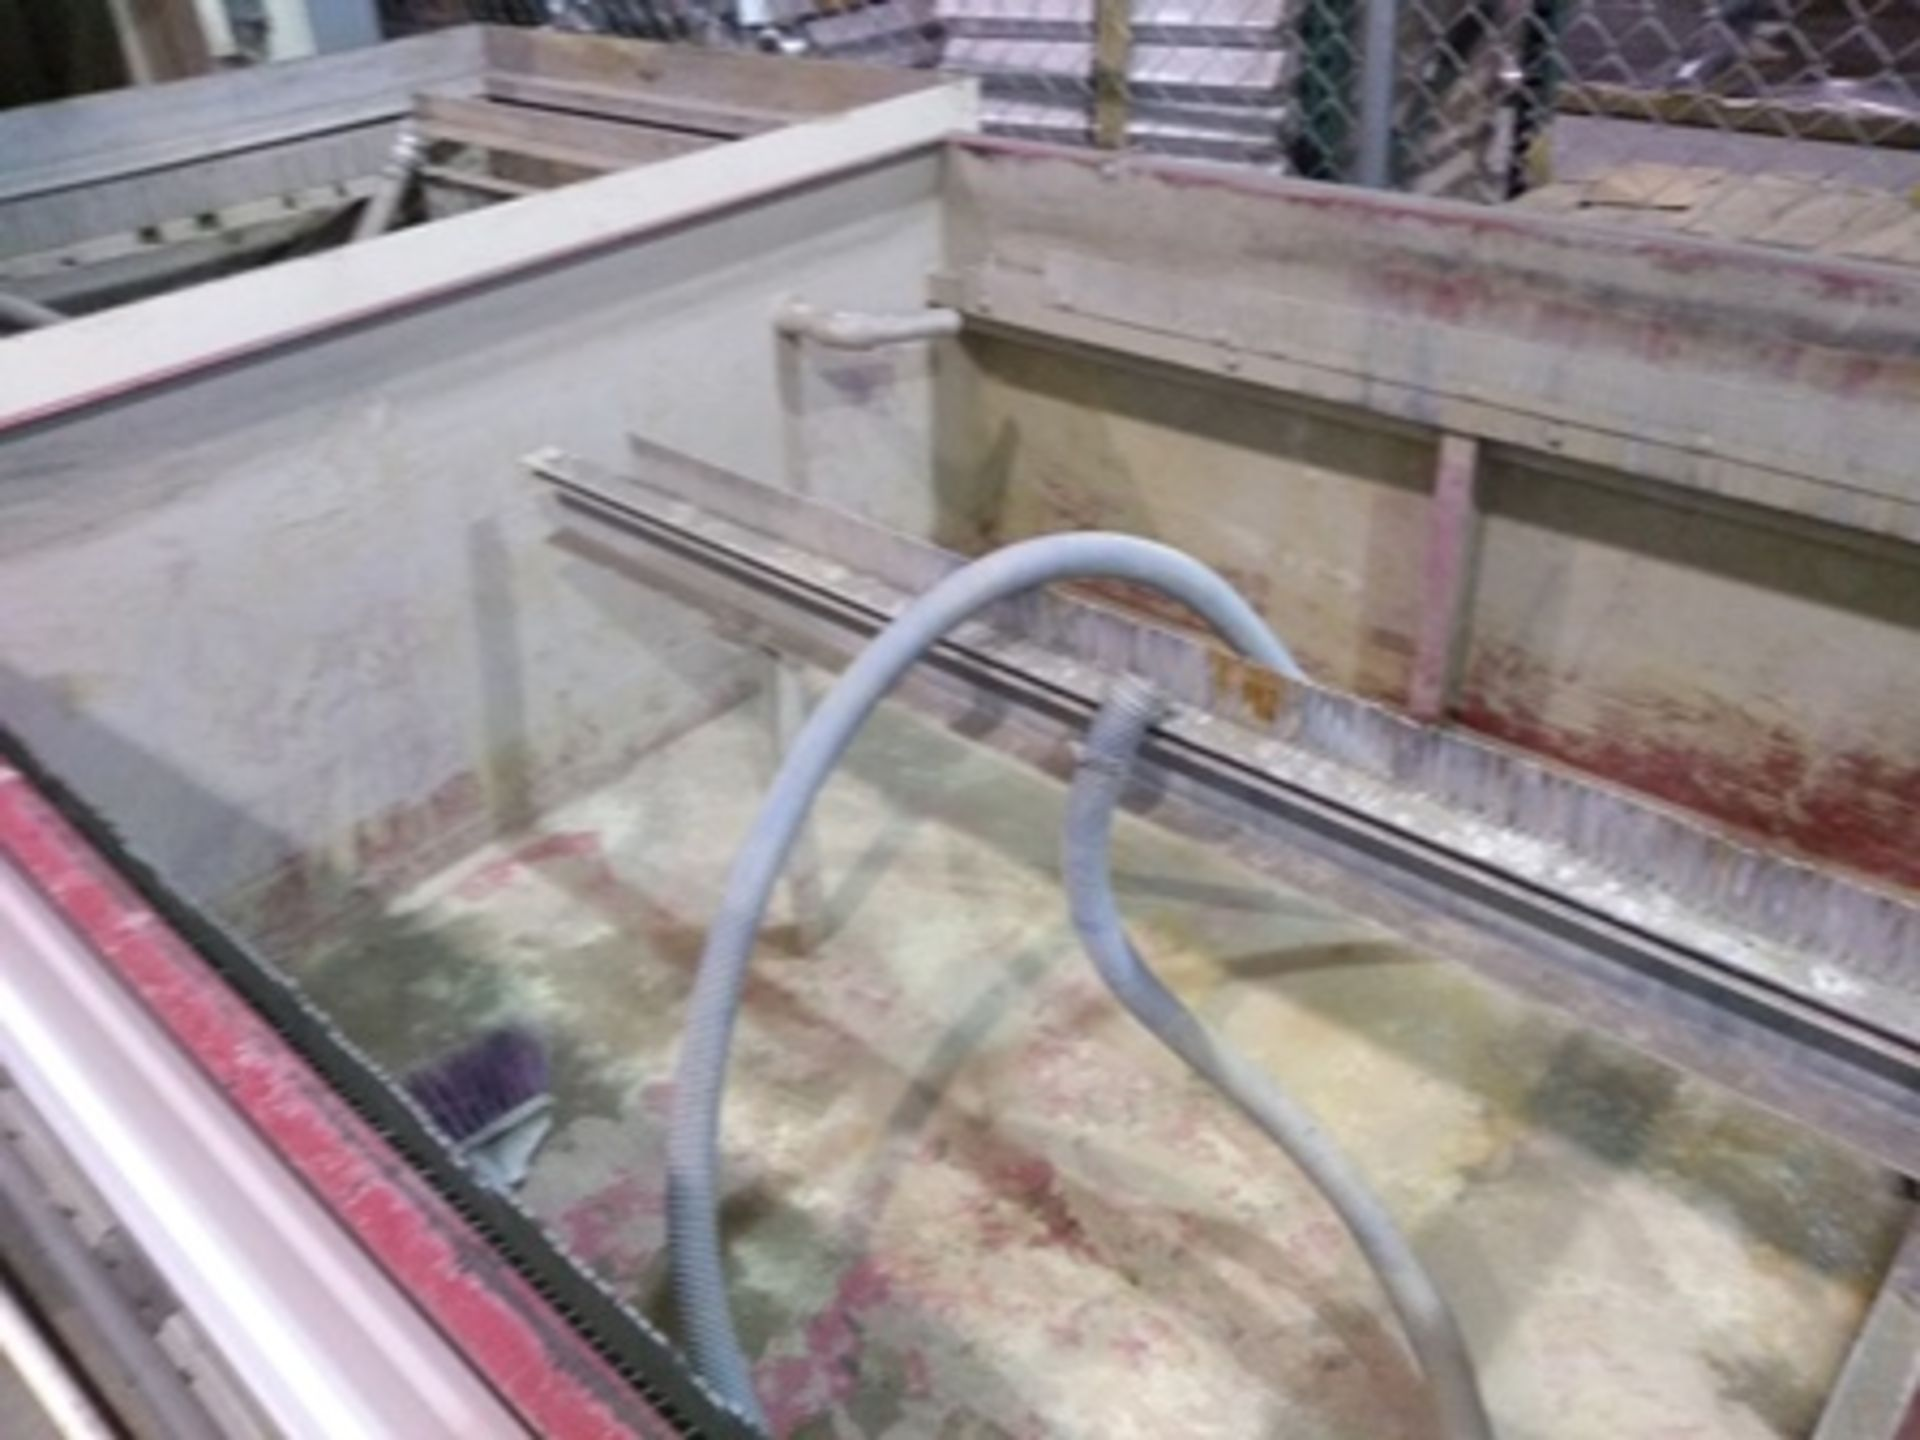 Lot 12 - 2011 OMAX MAXIEM 1530 WATER JET, CNC CUTTING MACHINE, Work Area 5'x10' & PSI Rating: 50,000 PSI